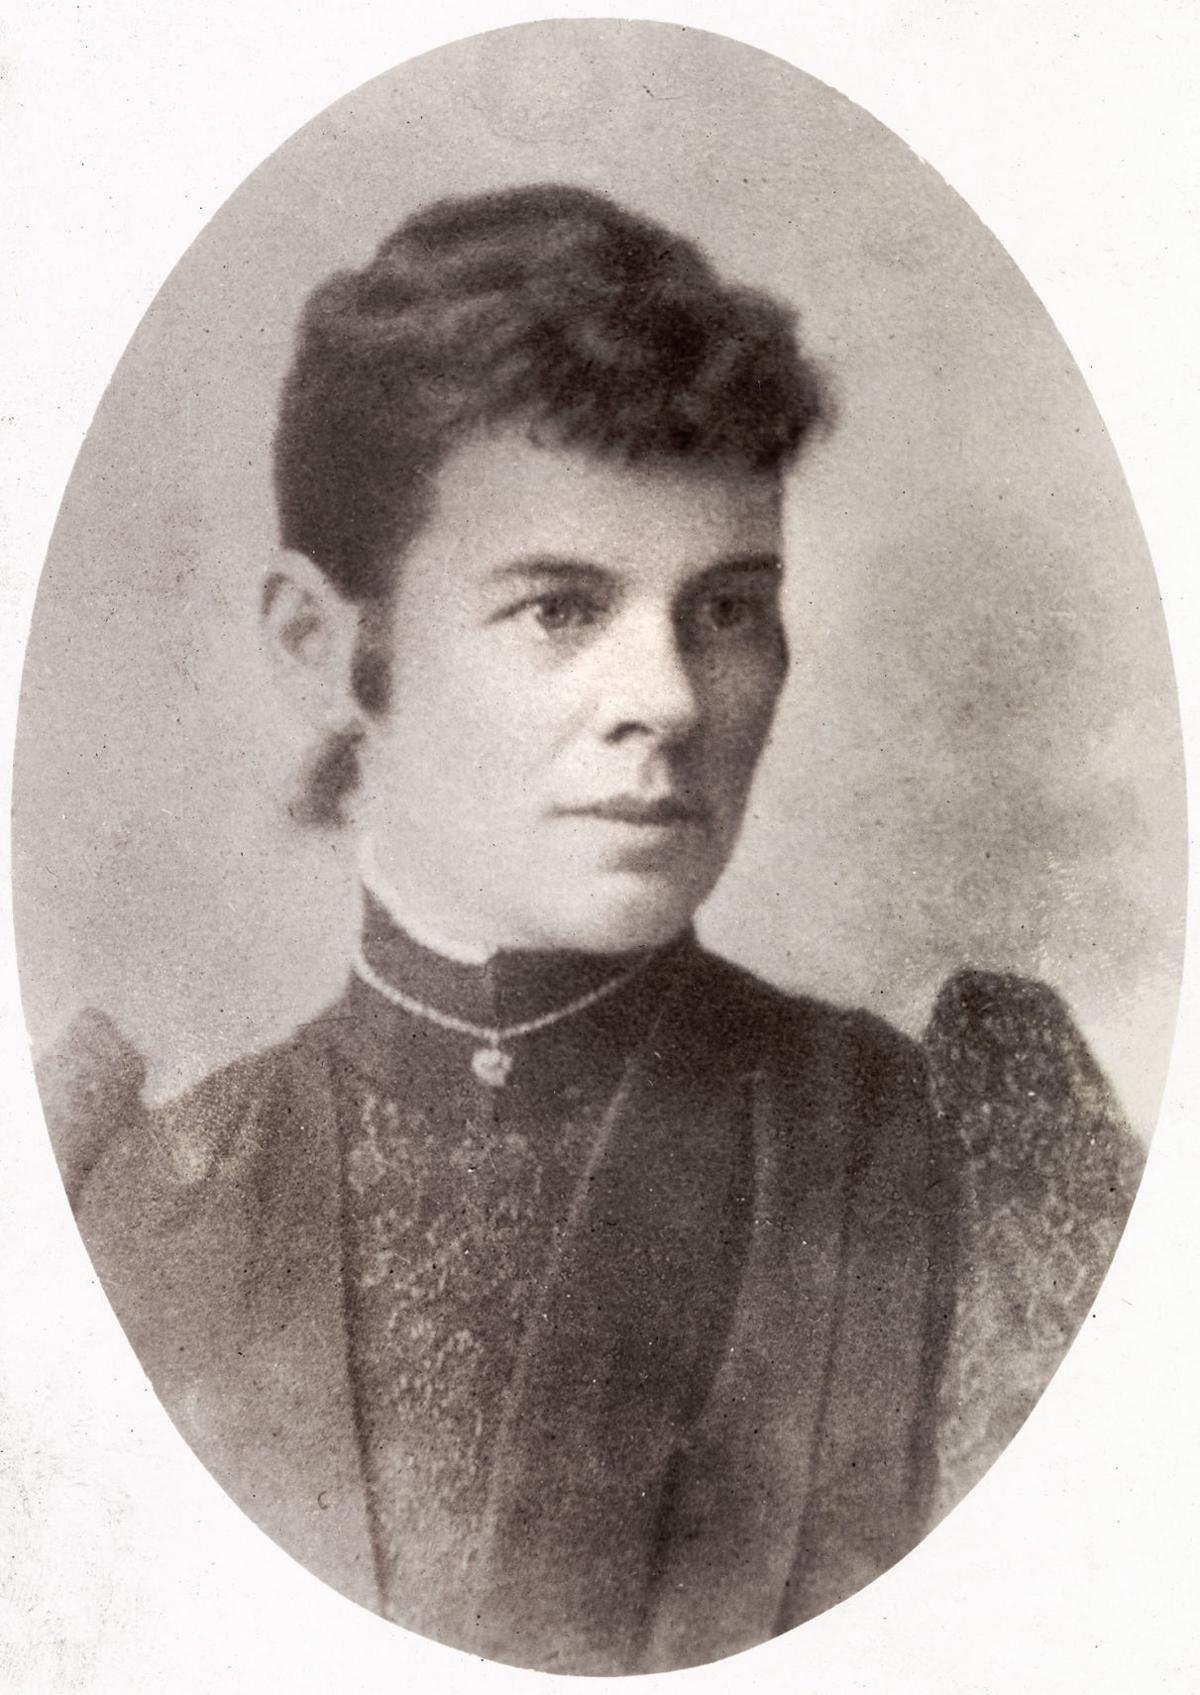 Emma Cowan